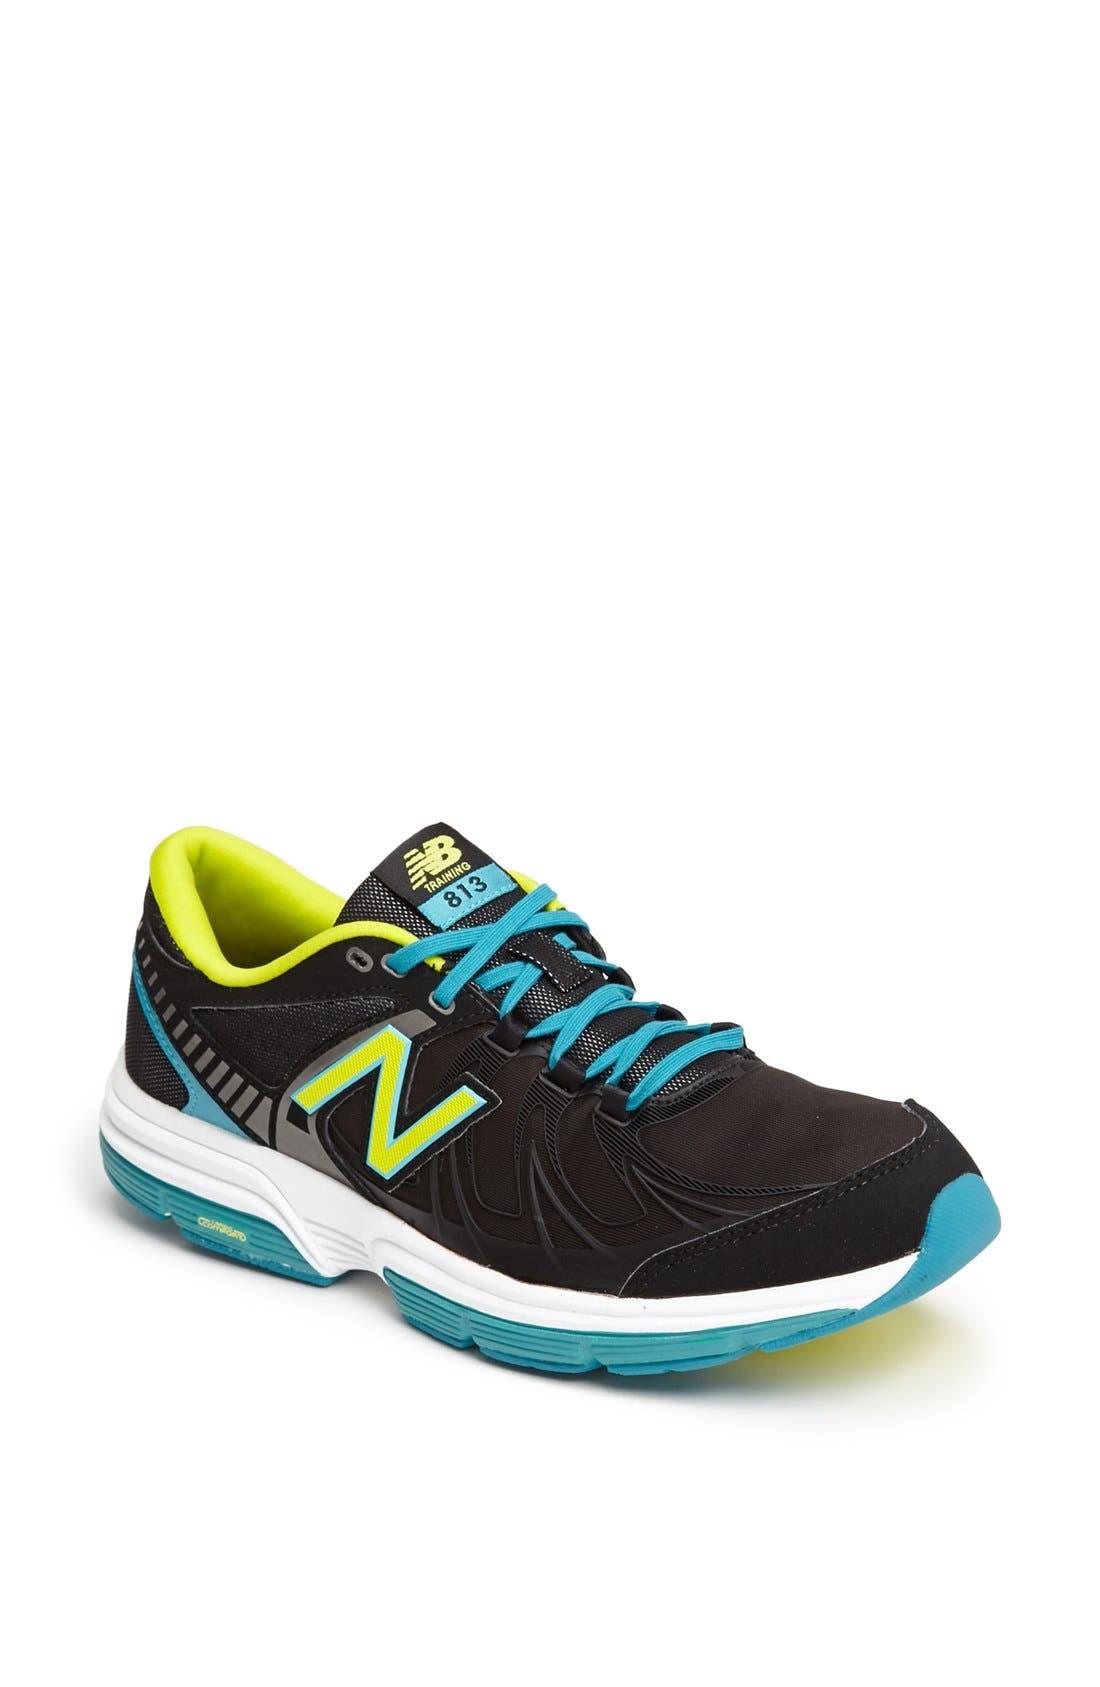 Alternate Image 1 Selected - New Balance '813' Training Shoe (Women)